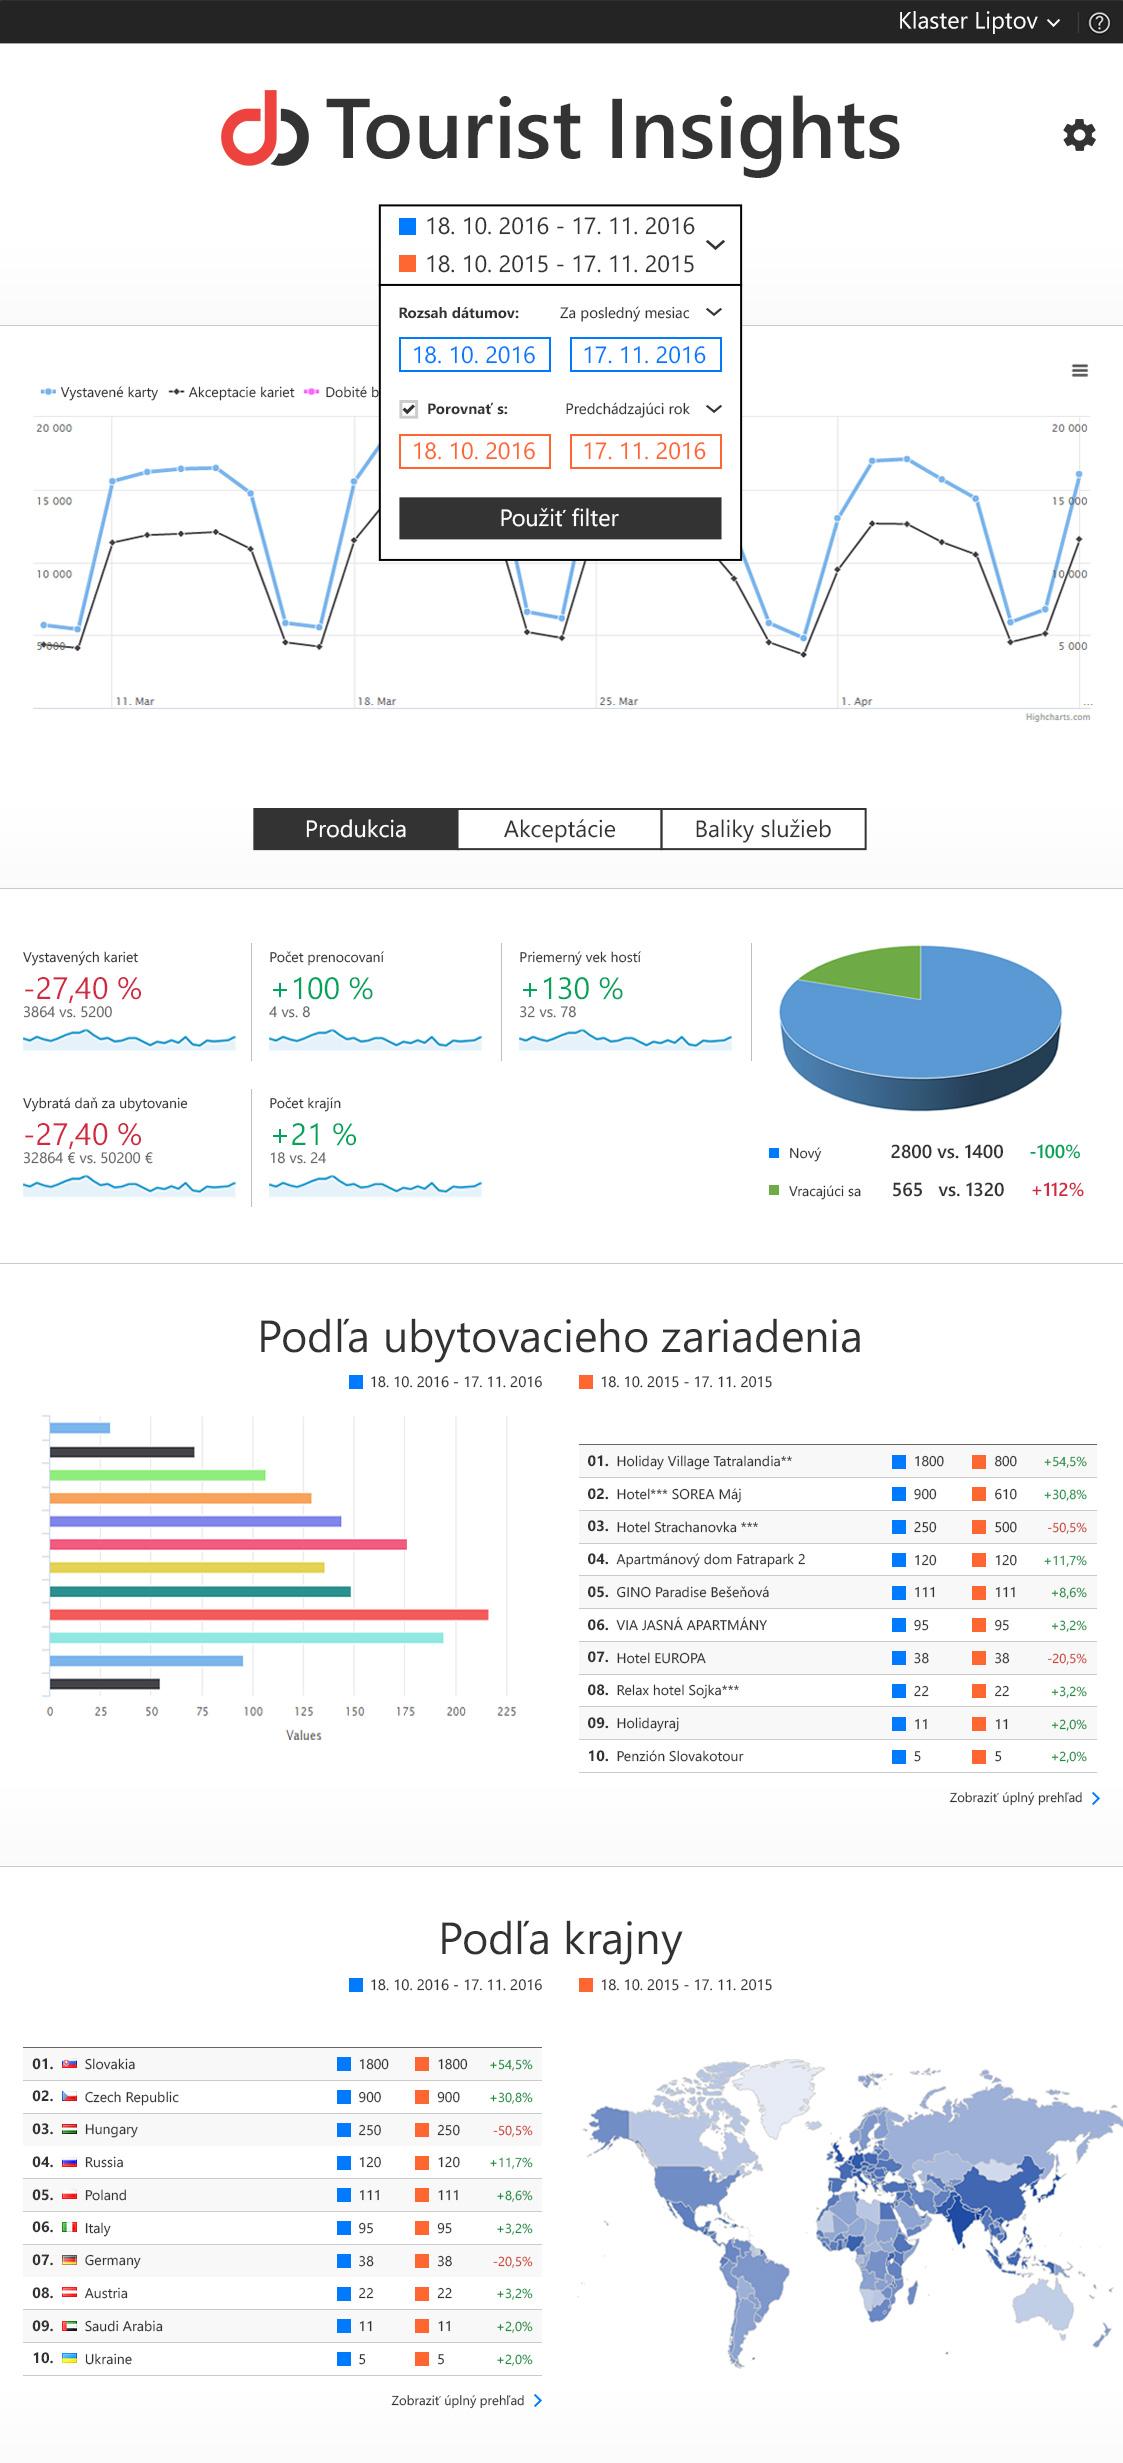 Vyhodnocovanie údajov a tvorba štatistických výstupov